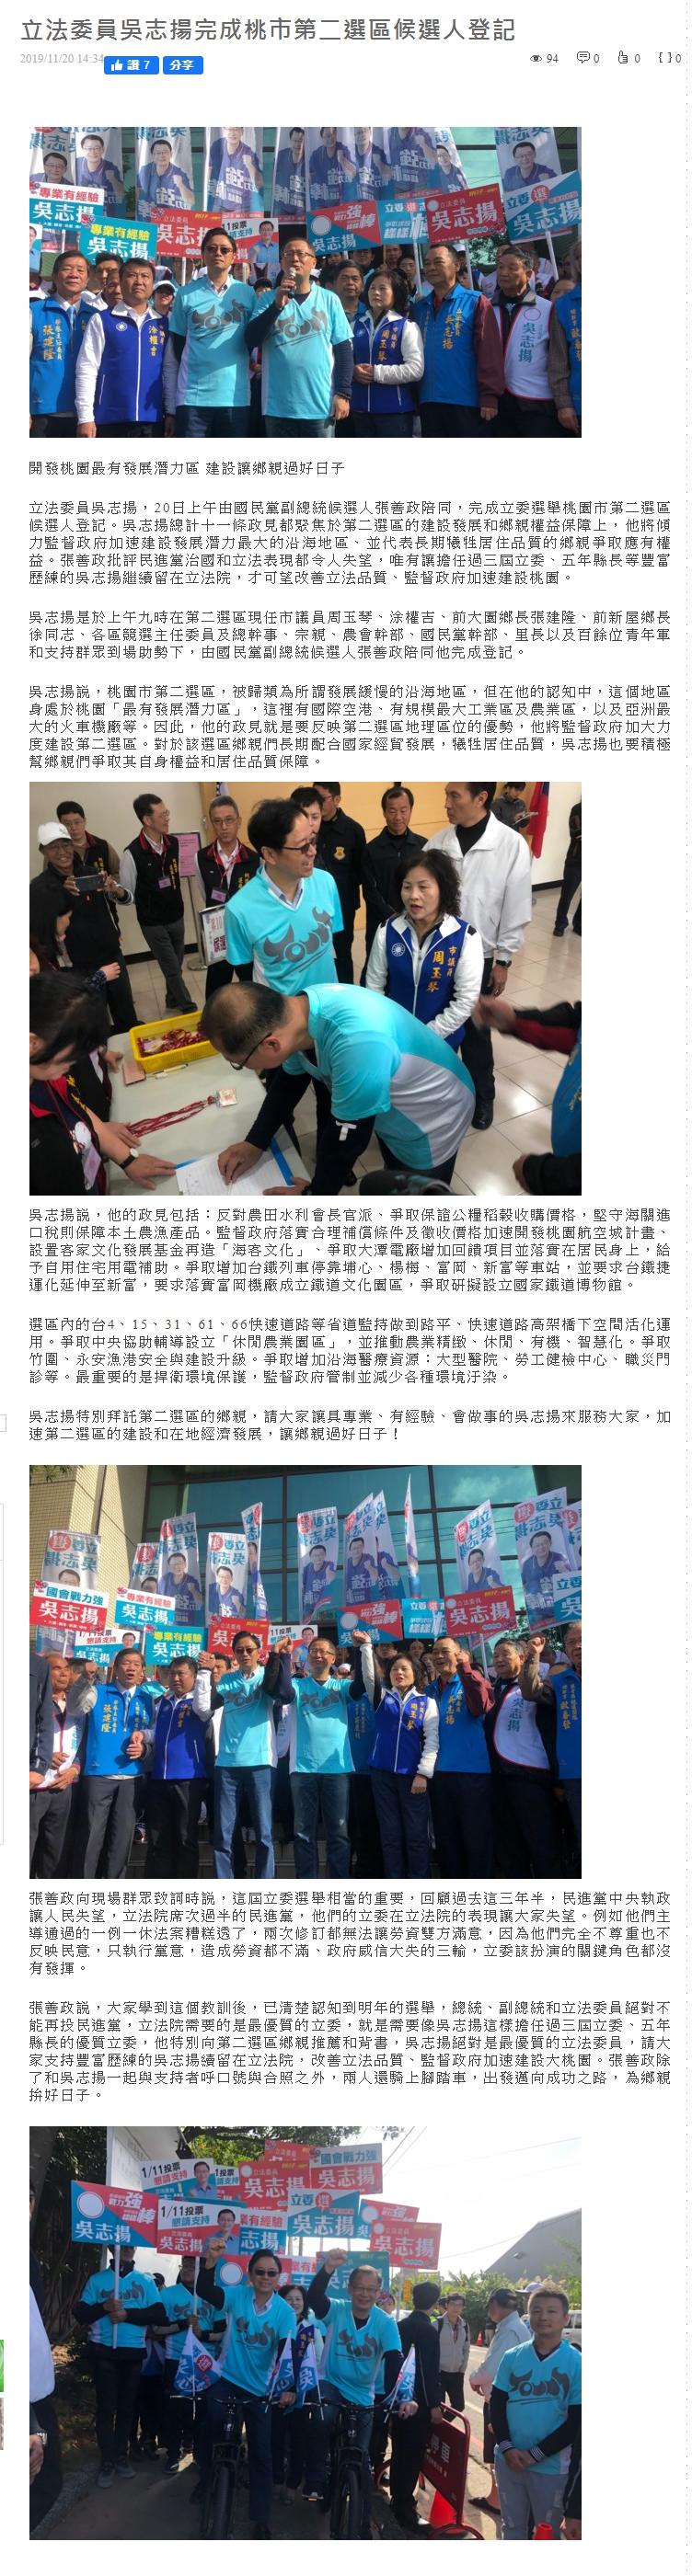 立法委員吳志揚完成桃市第二選區候選人登記